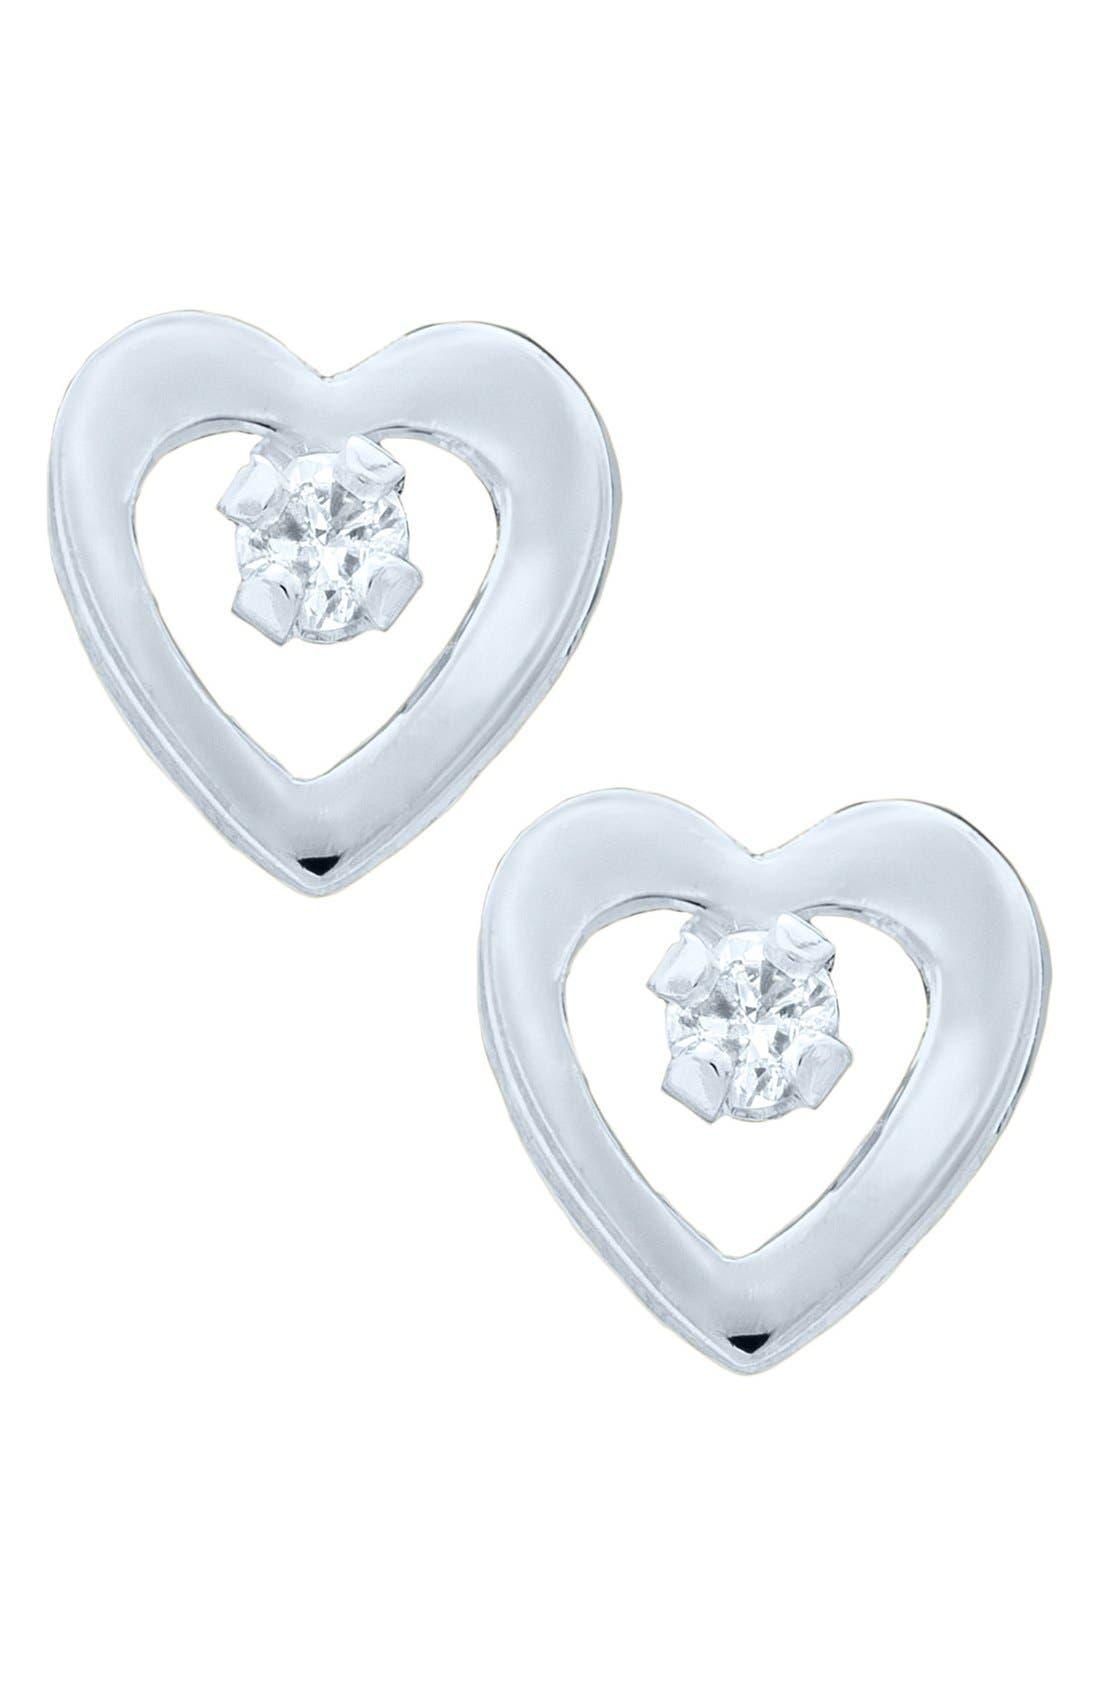 Main Image - Mignonette 14k White Gold & Diamond Heart Earrings (Baby Girls)